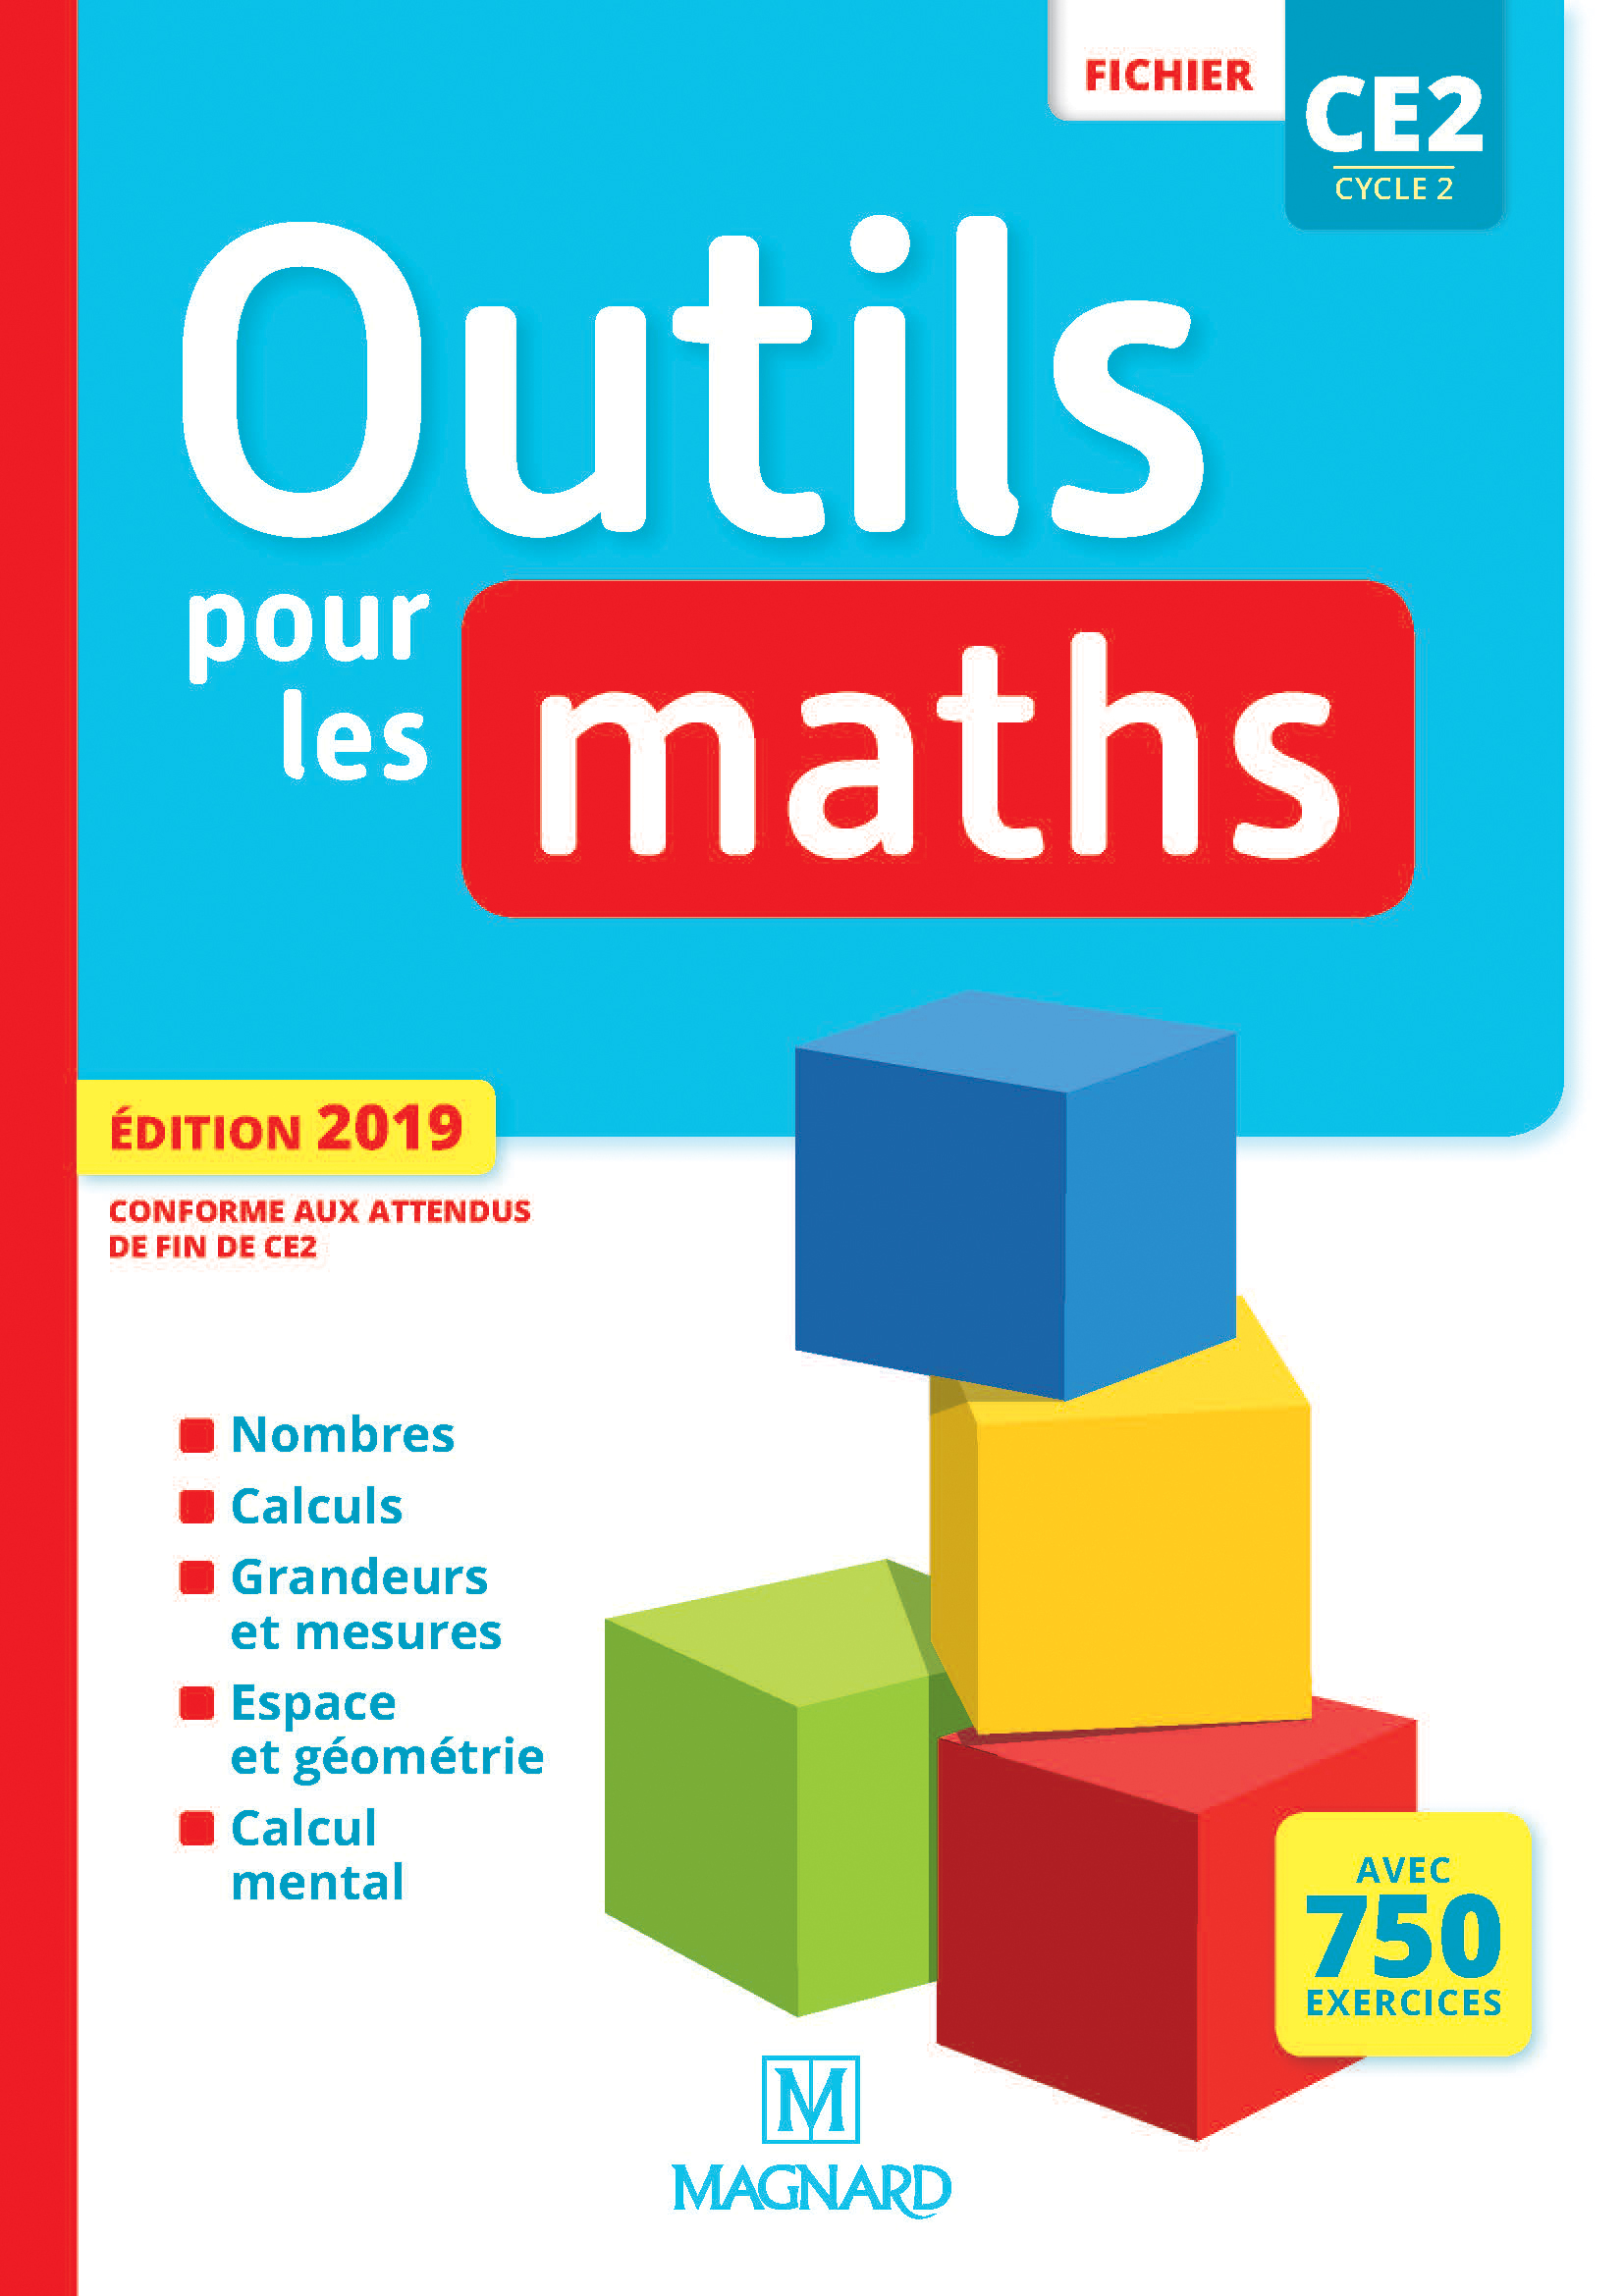 Site Compagnon Outils Pour Les Maths Ce2 (2019) - Fichier dedans Manuel Maths Cm2 Gratuit